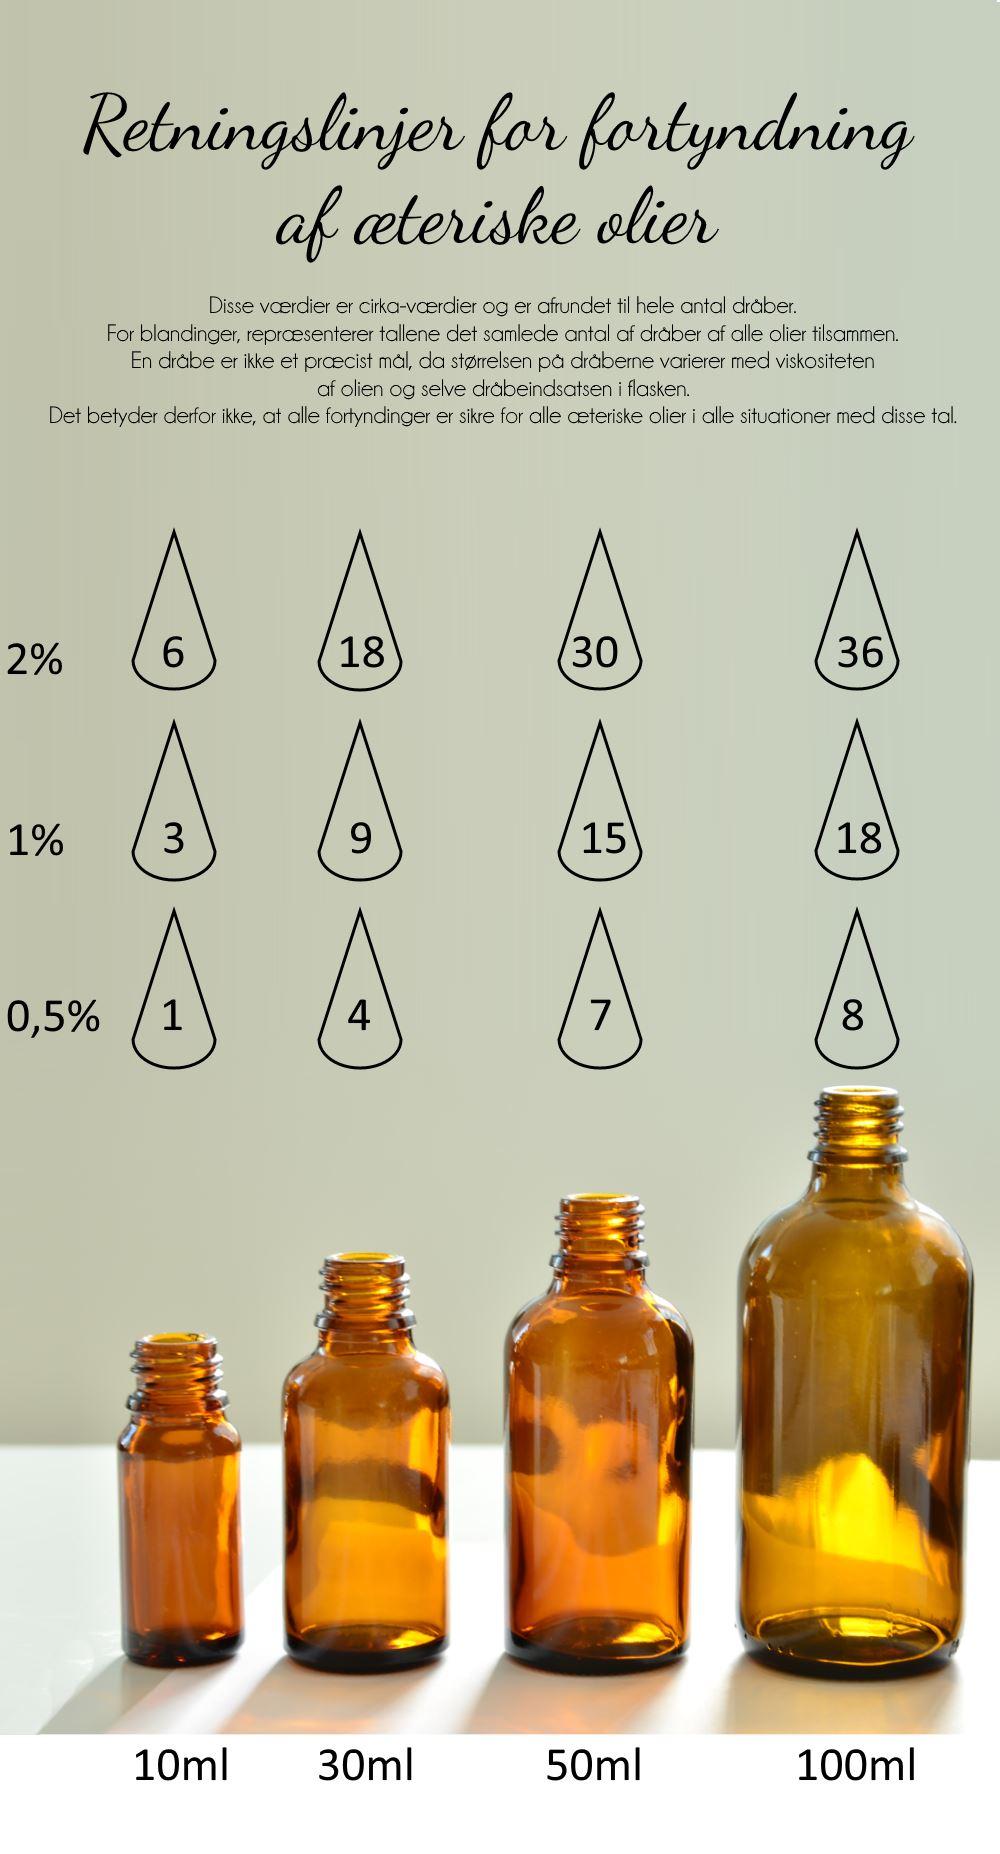 dossering af æteriske olier i henhold til antal dråber - info